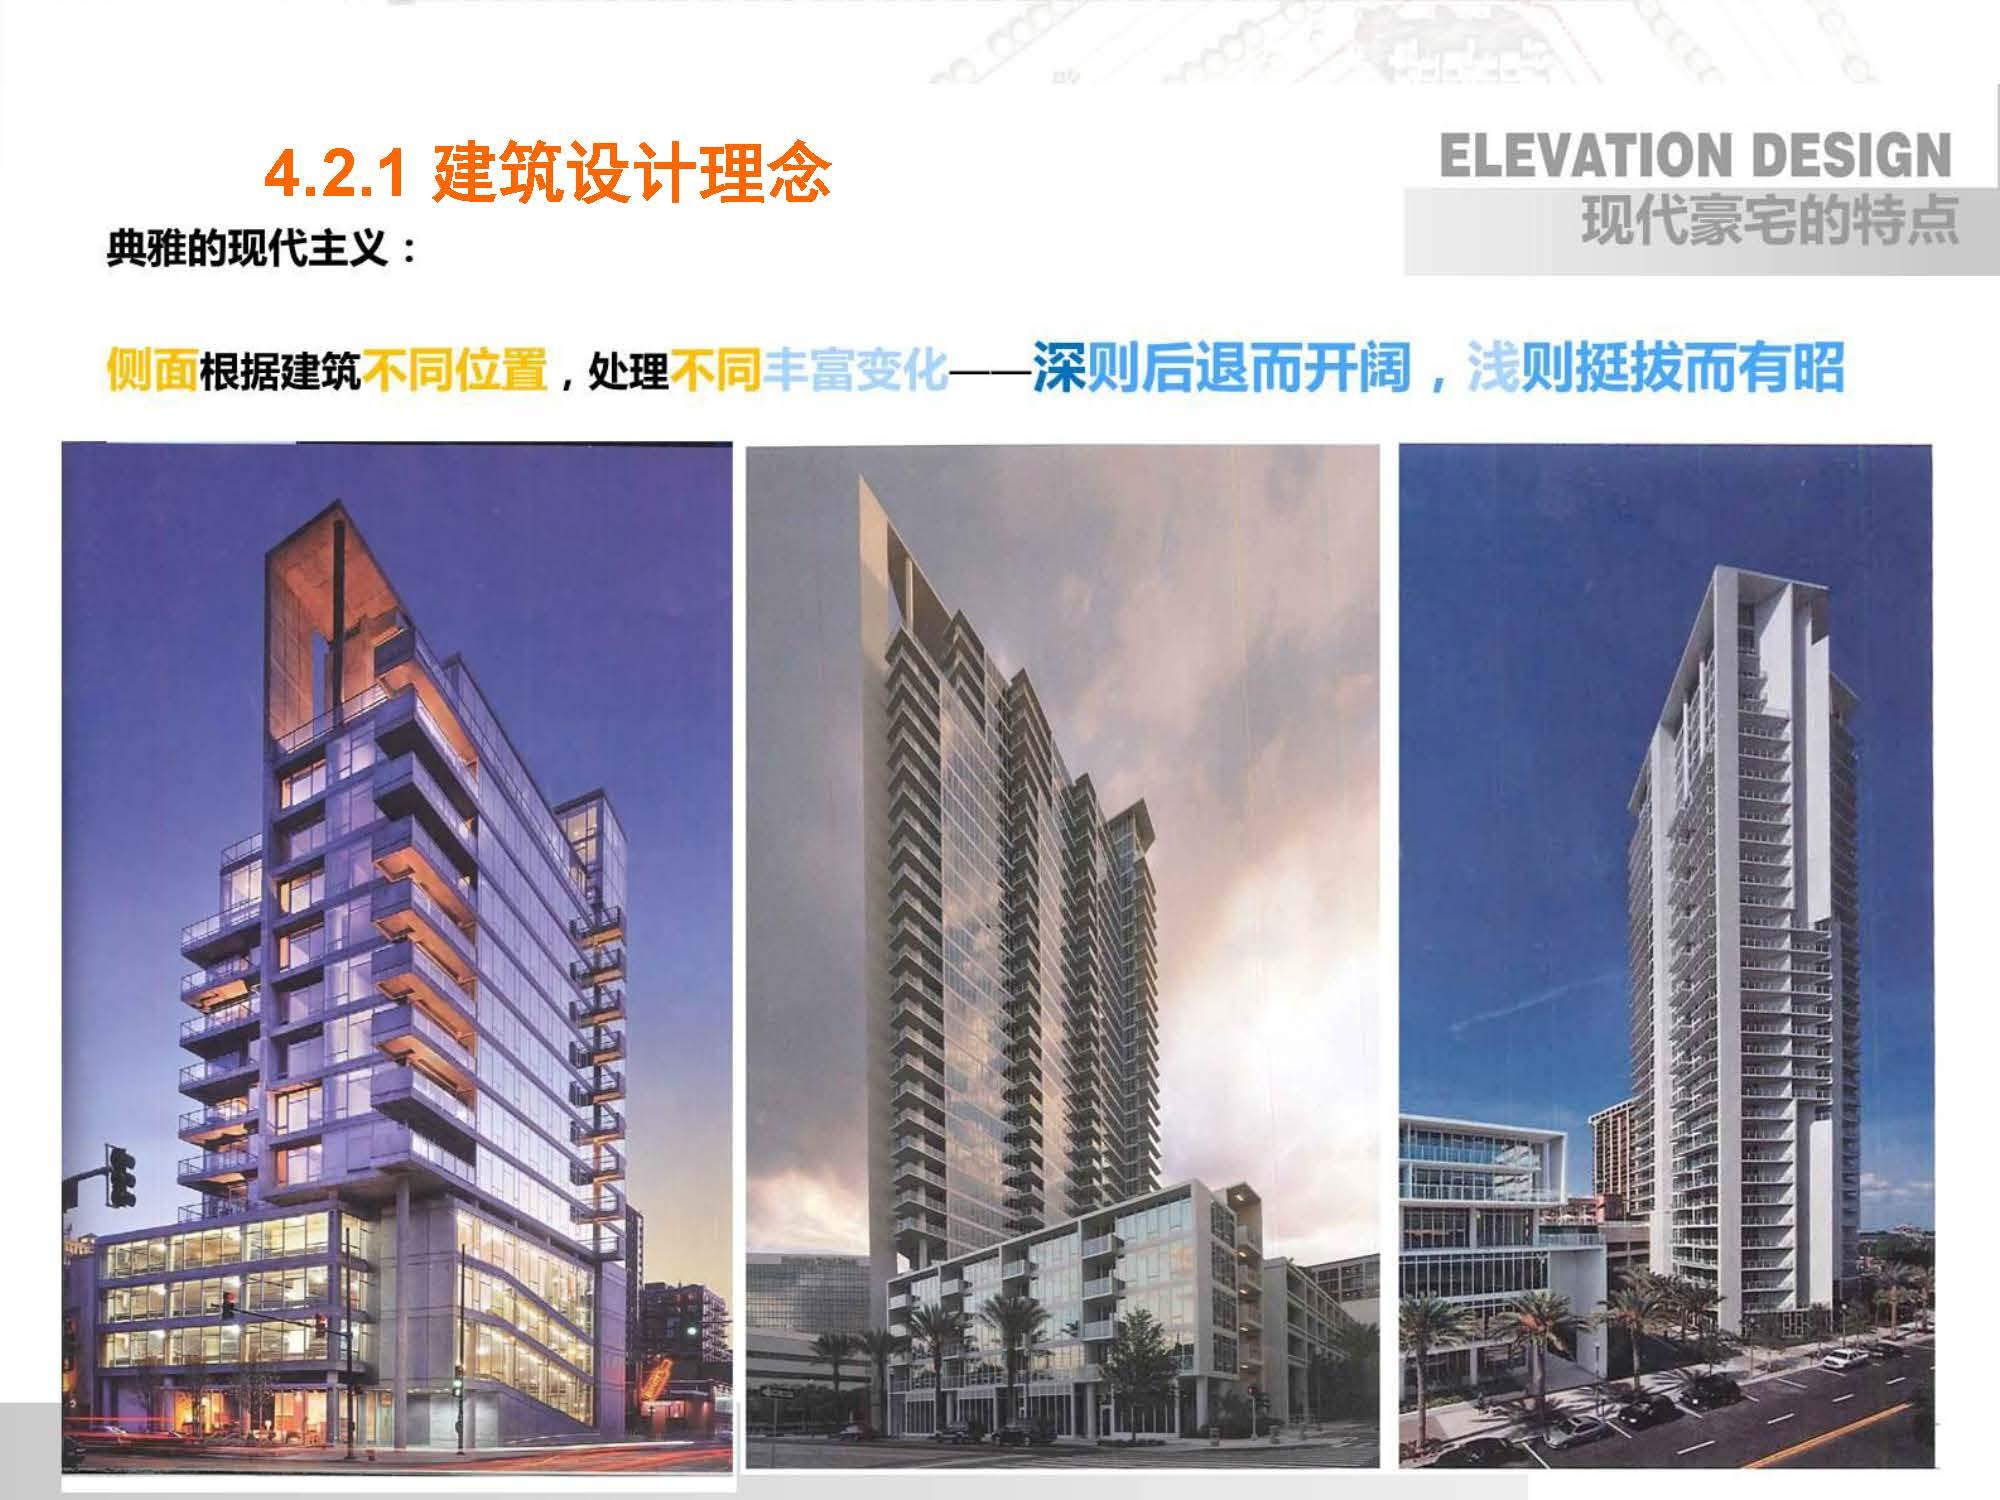 中海沈阳销售手册20180809--EPG--建筑设计理念及亮点 _页面_20.jpg